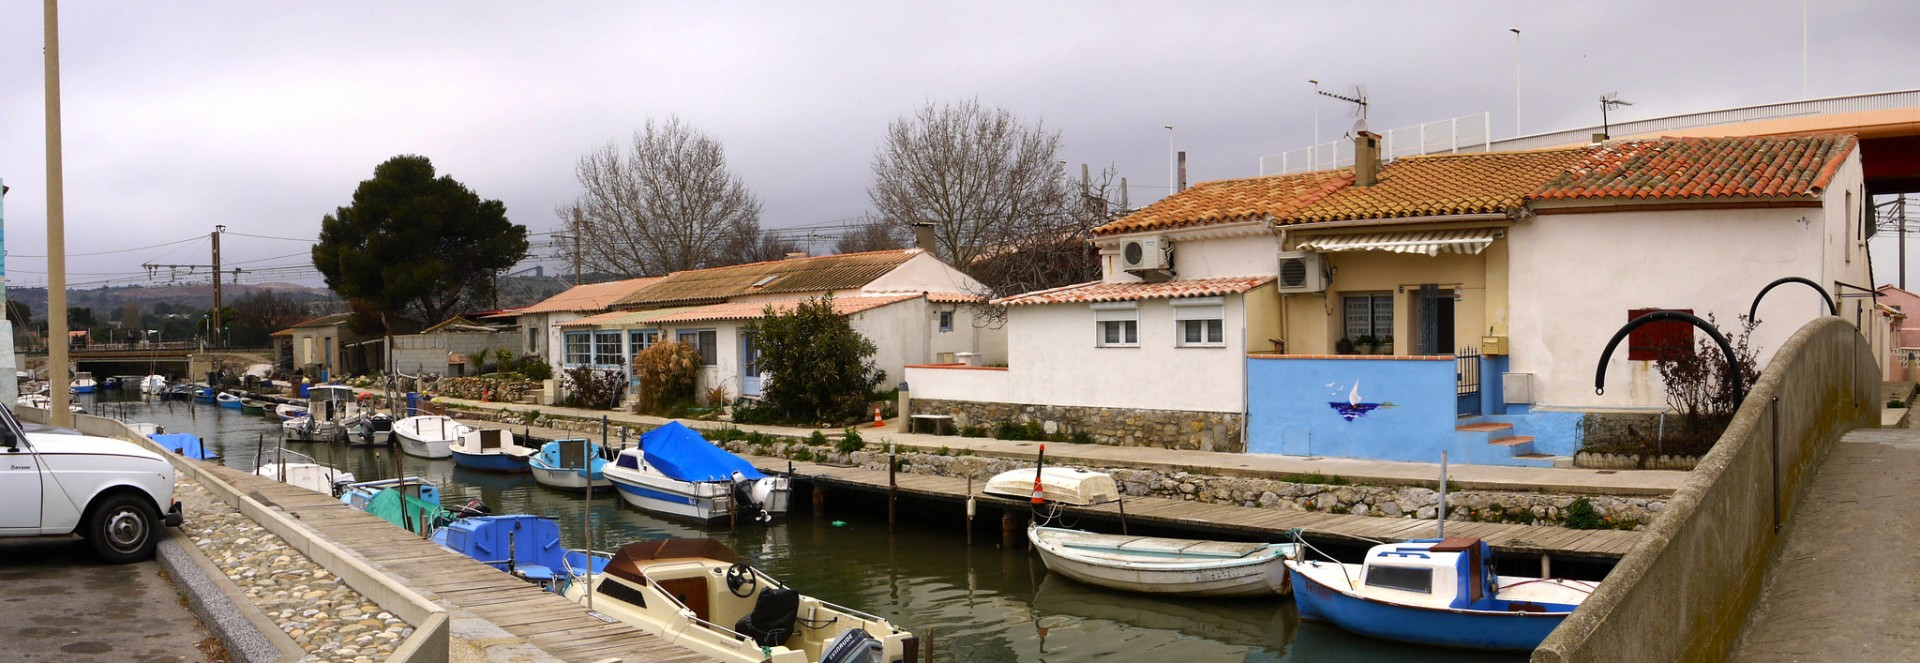 Un quartier de pêcheurs au Canalet